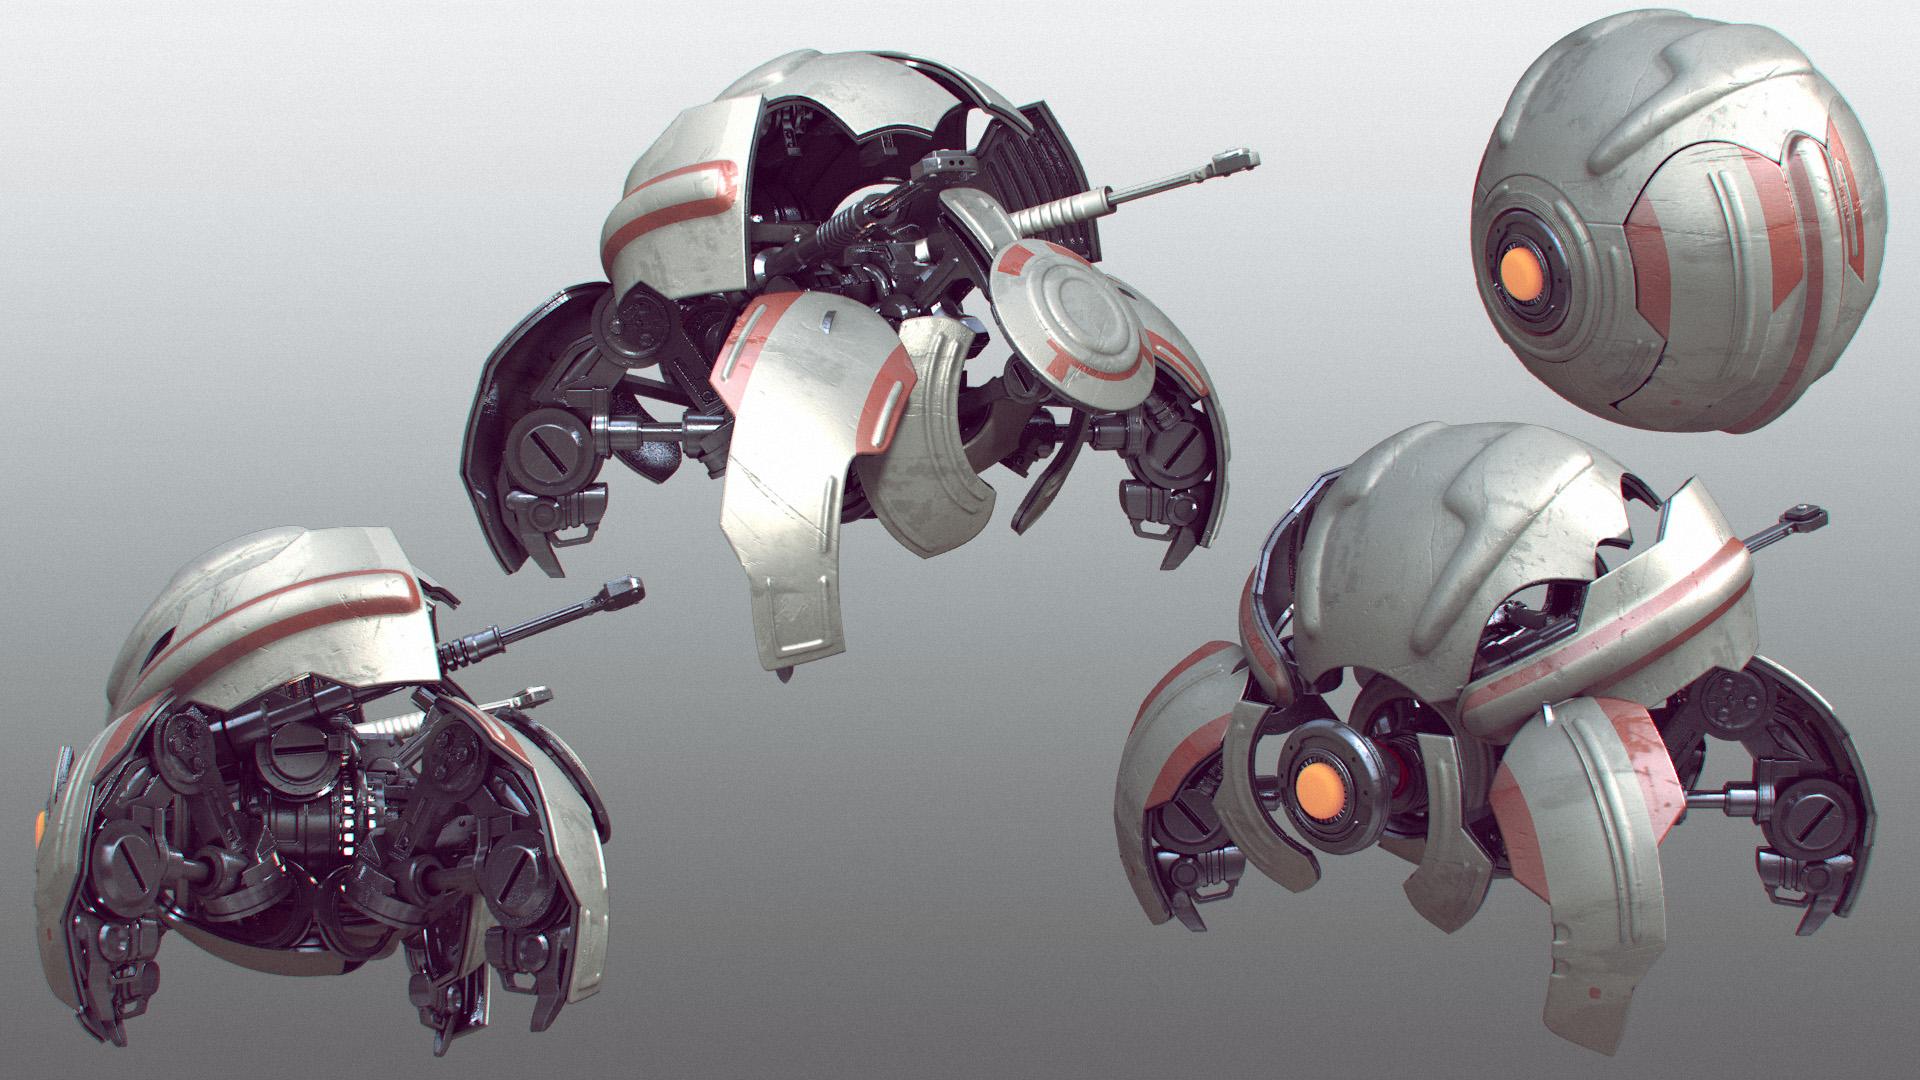 robot drone with Torfrick on Robot Arm additionally Desert Spider Mecha 358540797 together with Solidworks likewise U Boot Drohne Mit Unterwasser Kamera Gesteuert Per Ipad also Watch.